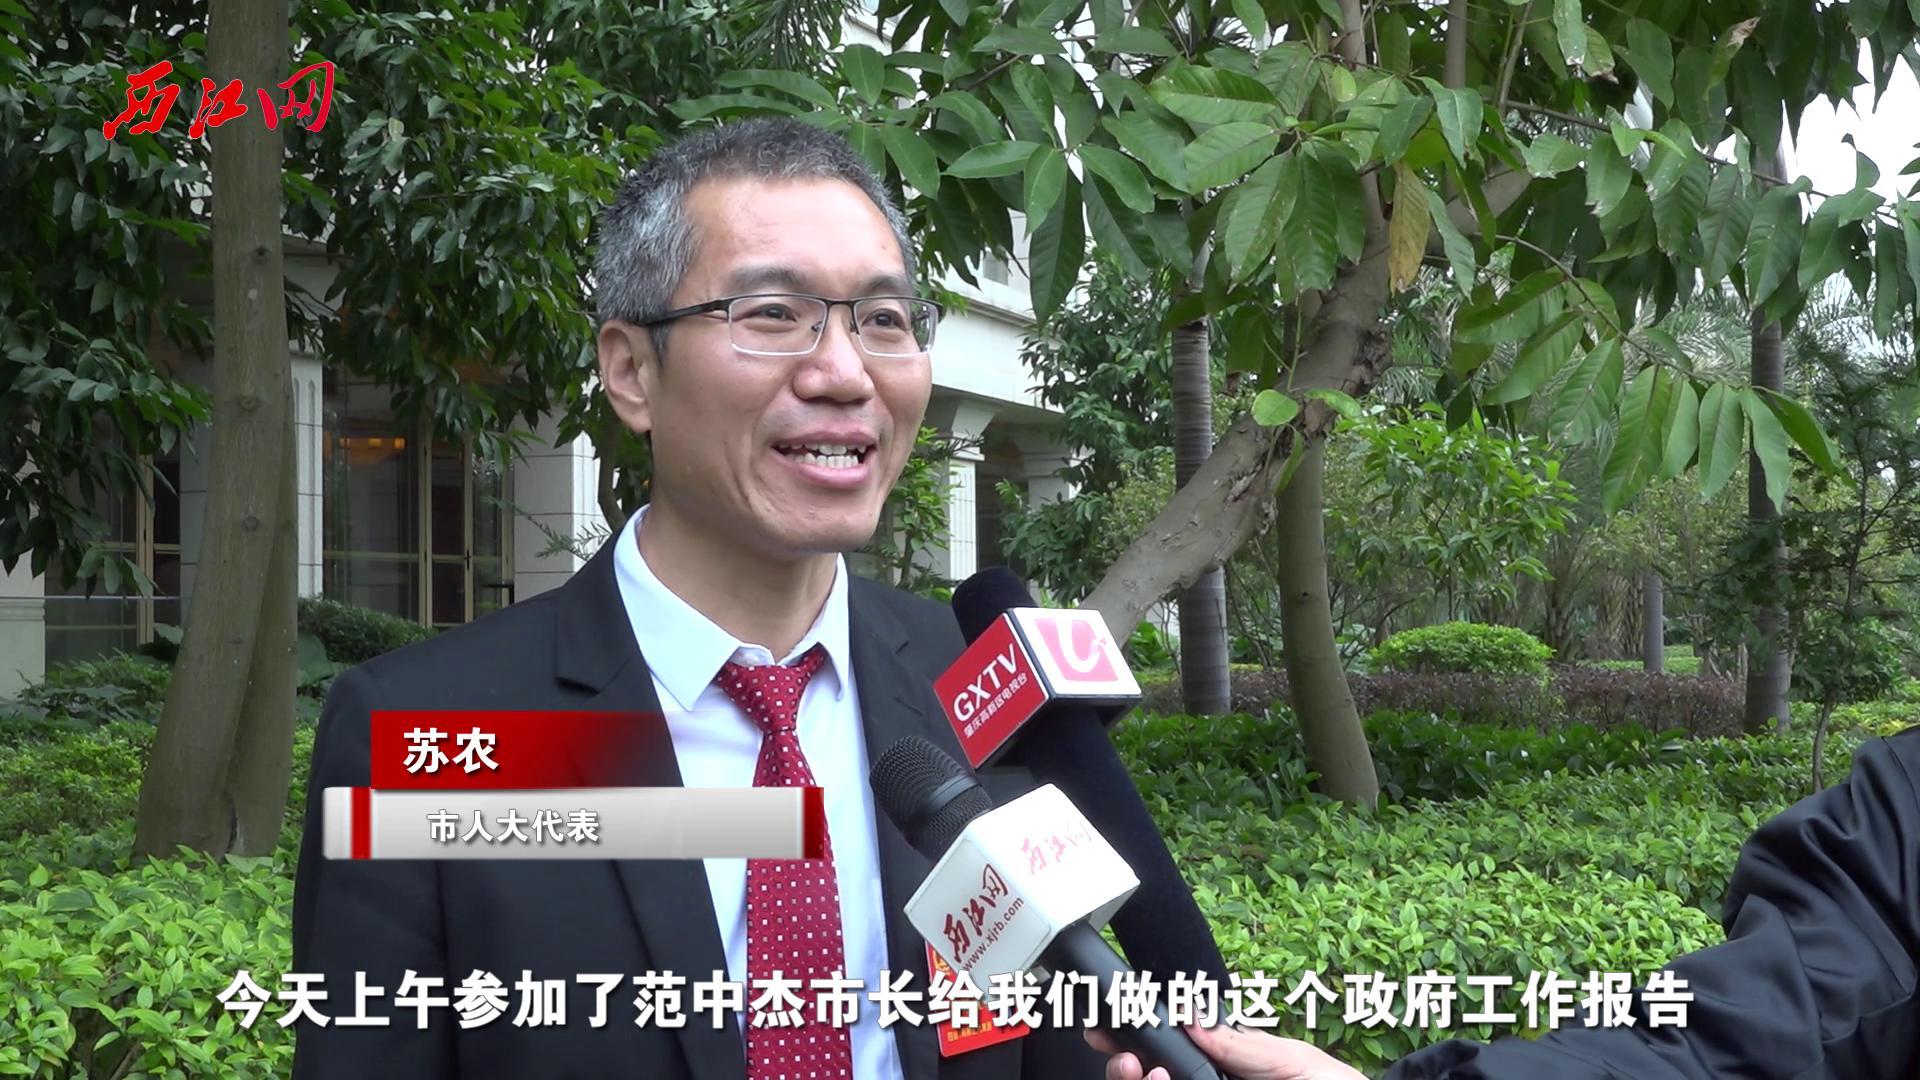 肇庆市人大代表热议政府工作报告